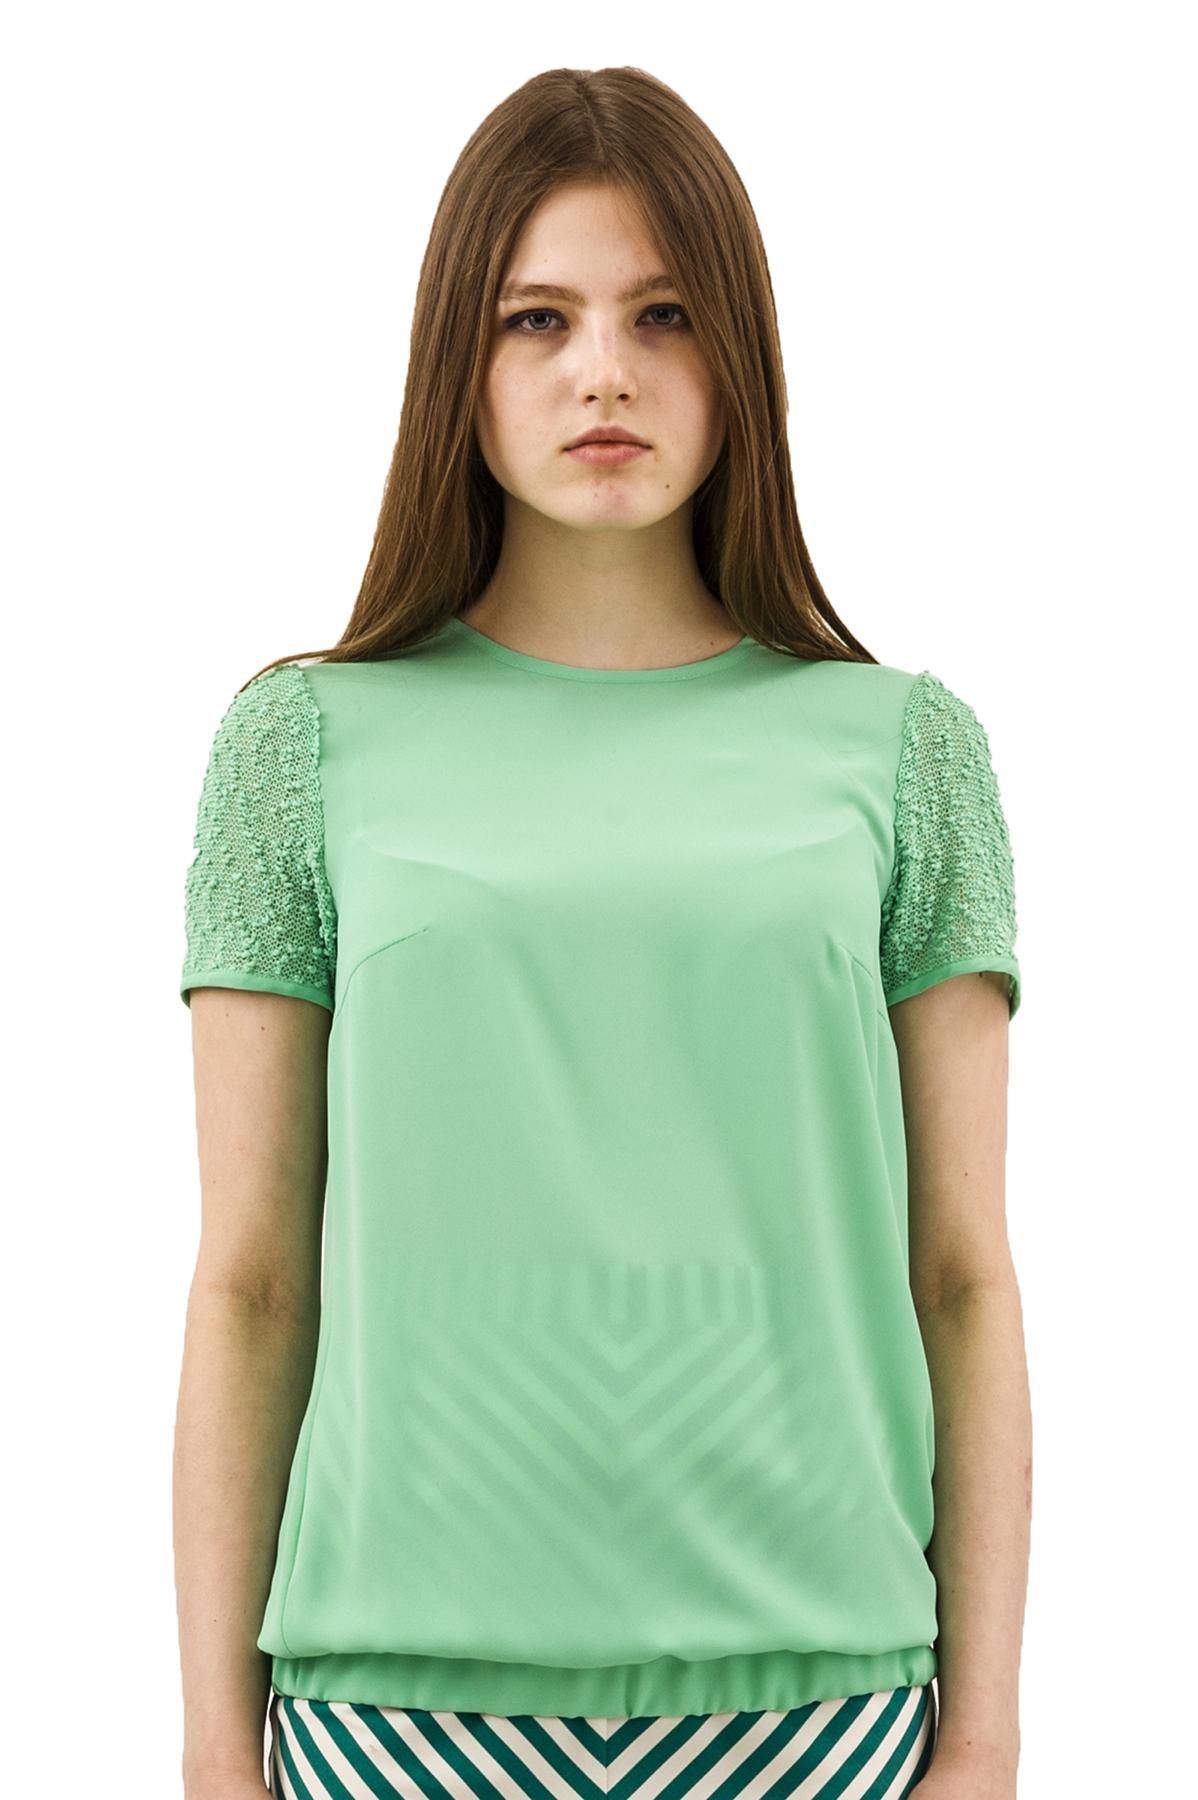 БлузаЖенские блузки<br>Эффектная блузка Doctor E оригинального дизайна привлечет к Вам всеобщее внимание и подчеркнет Ваш оригинальный вкус. Изделие будет удачно гармонировать с любыми предметами гардероба.<br><br>Цвет: зеленый<br>Состав: 100% полиэстер<br>Размер: 42,44,46<br>Страна дизайна: Россия<br>Страна производства: Россия